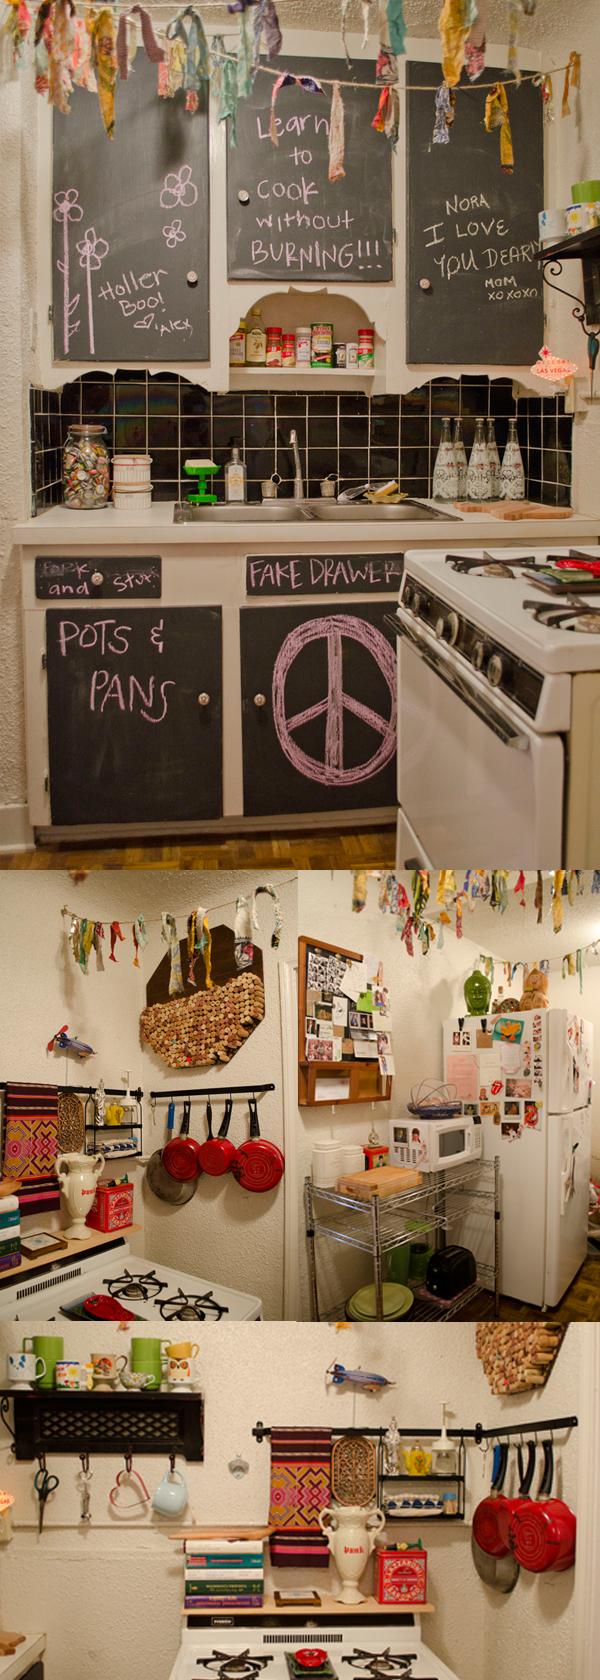 kitchenShots